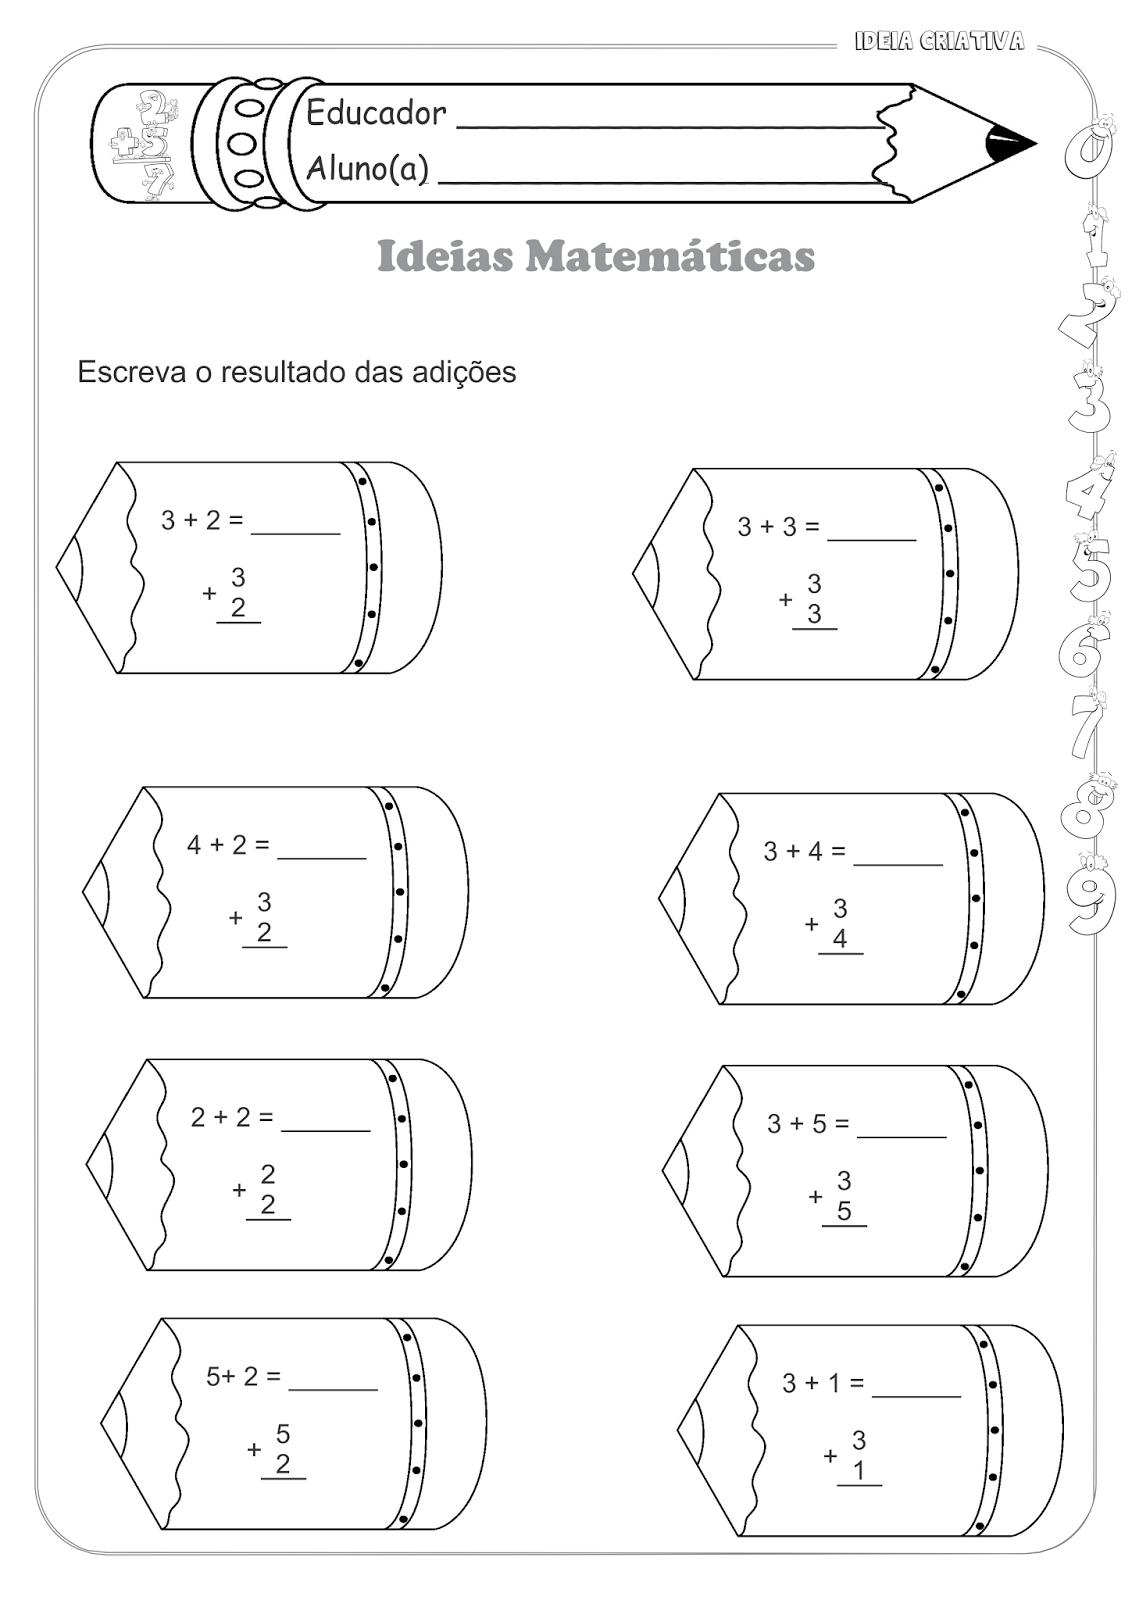 Atividades Educativas Matemática Operações Básicas (Adição) para Ensino Fundamental